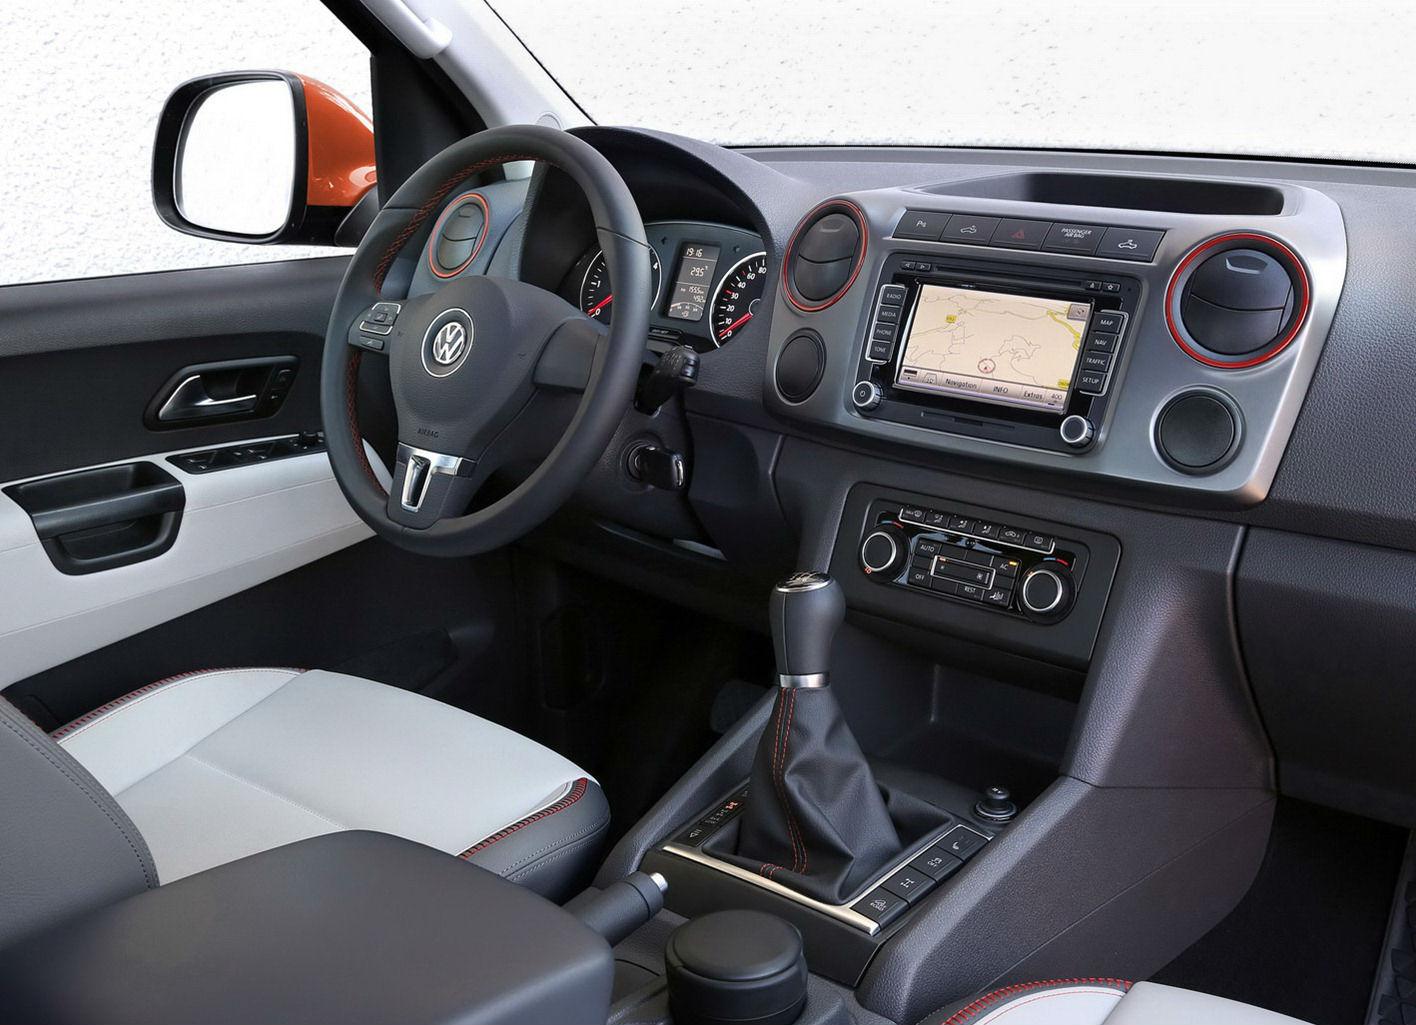 VW Amarok Canyon